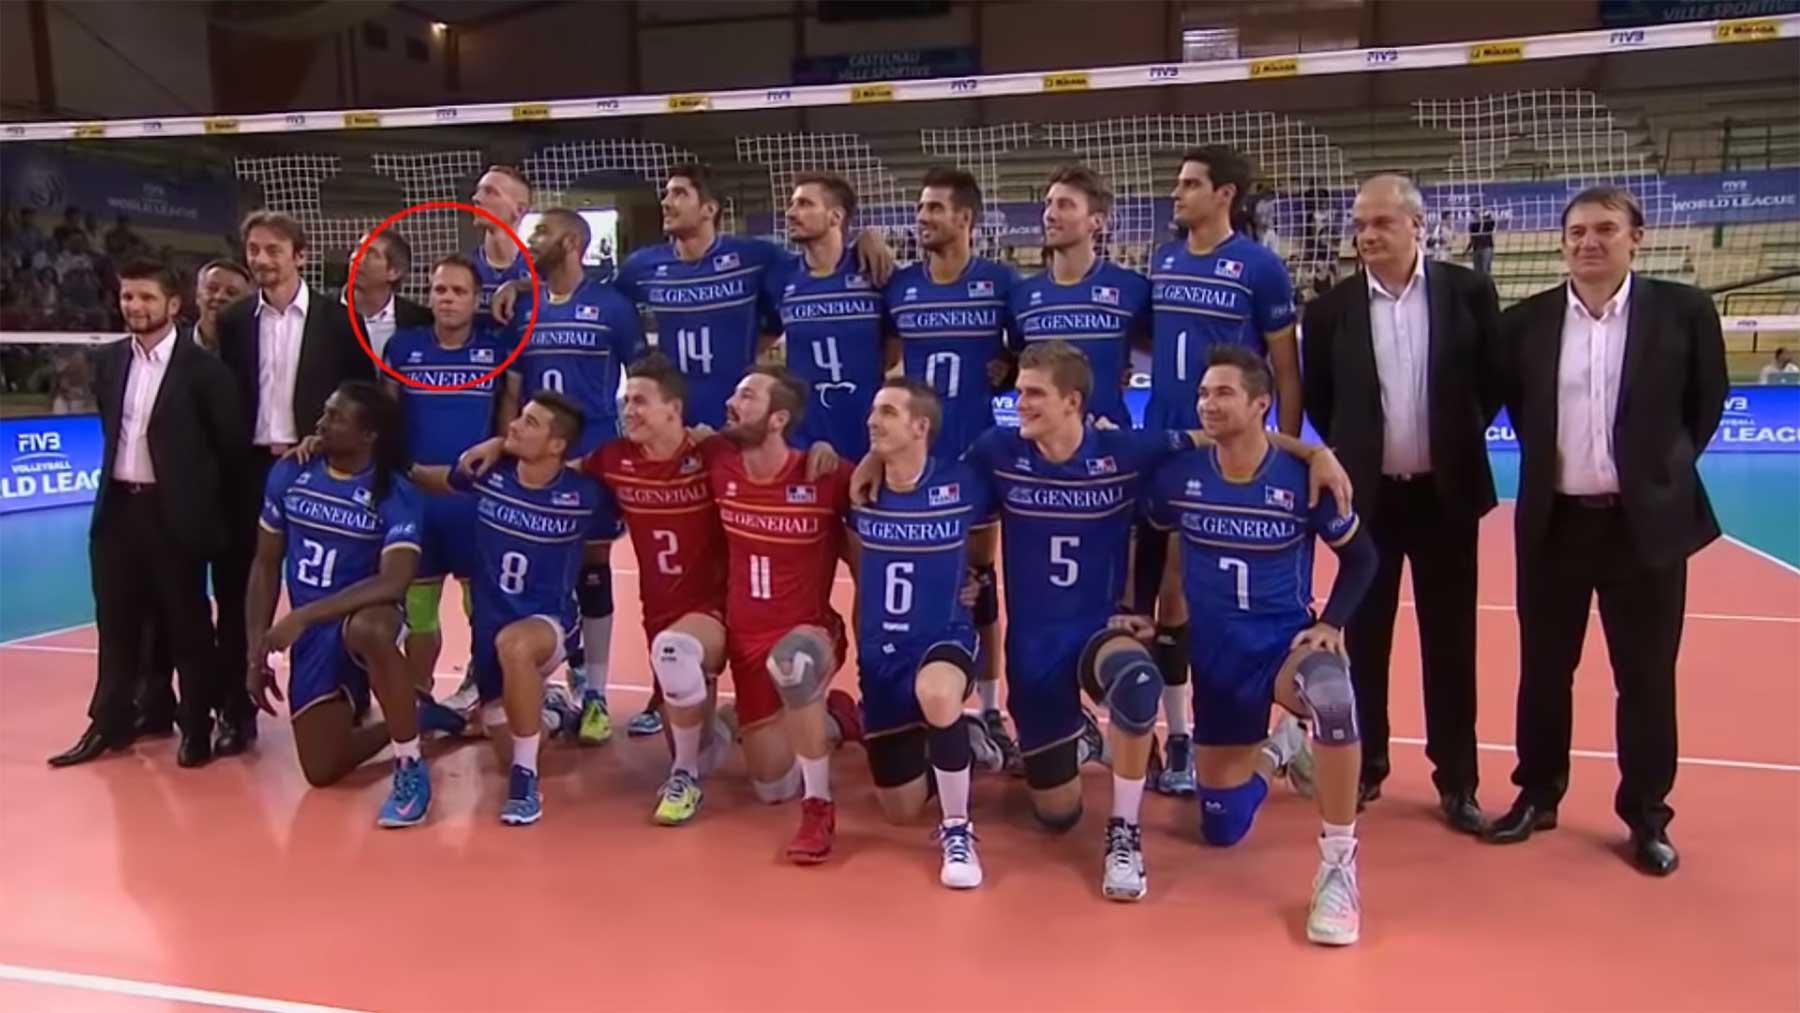 Remi Gaillard mogelt sich (mal wieder) aufs Volleyball-Mannschaftsfoto